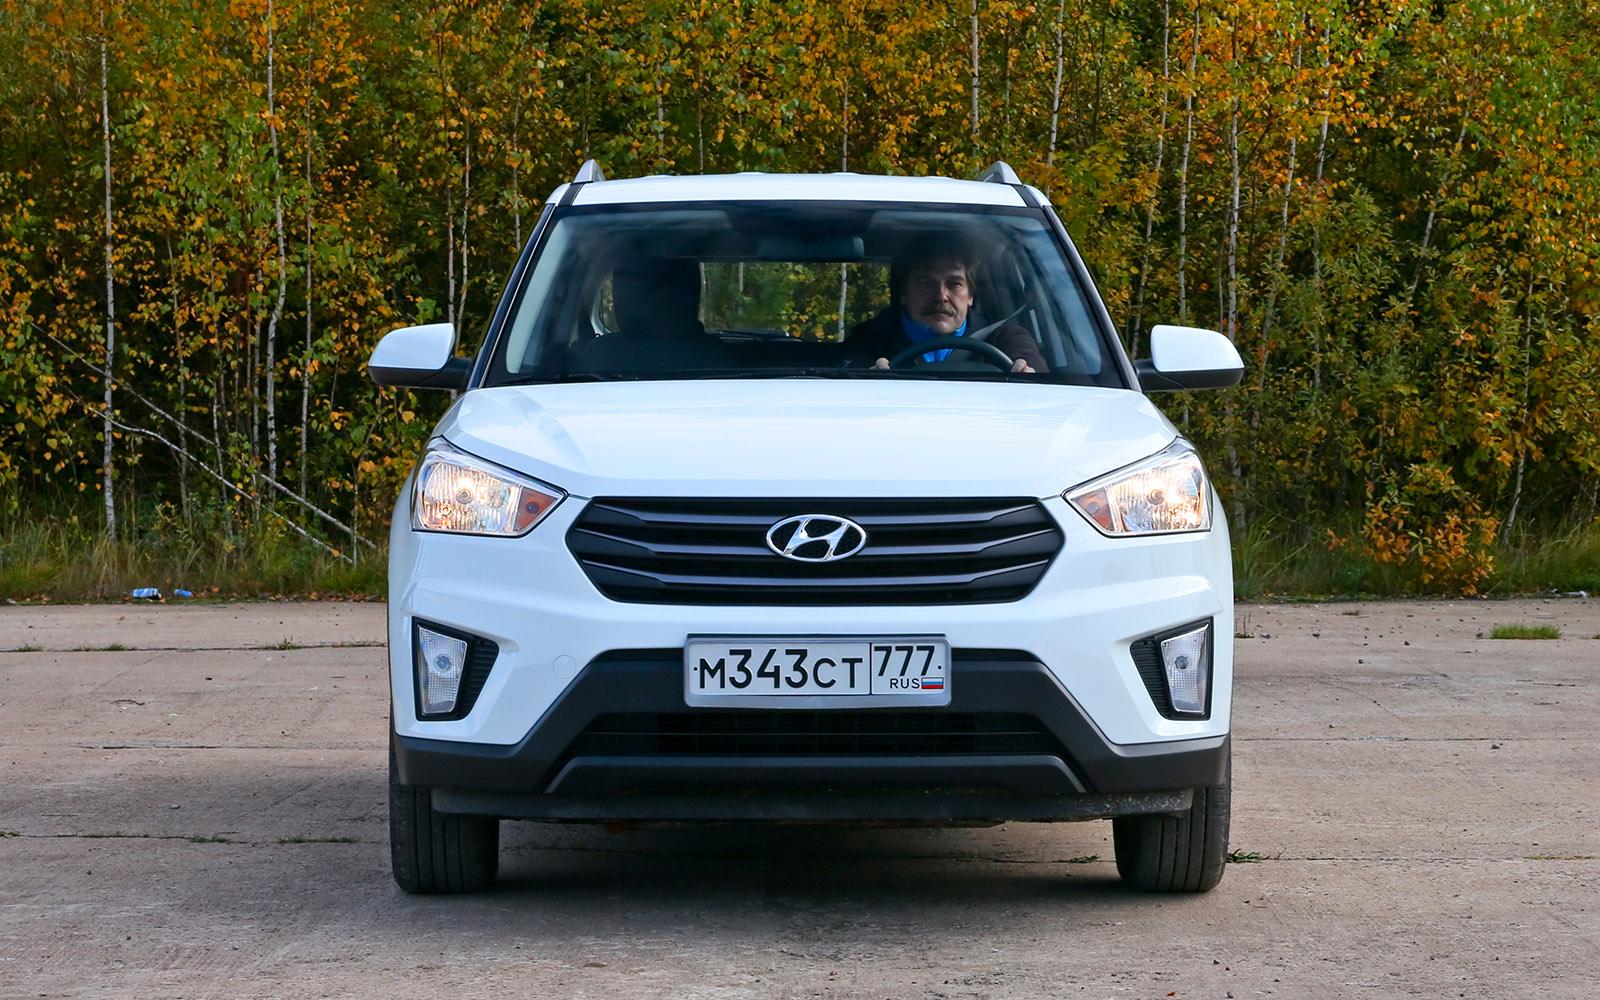 Кроссовер Hyundai Creta: техобслуживание своими силами - журнал За рулем